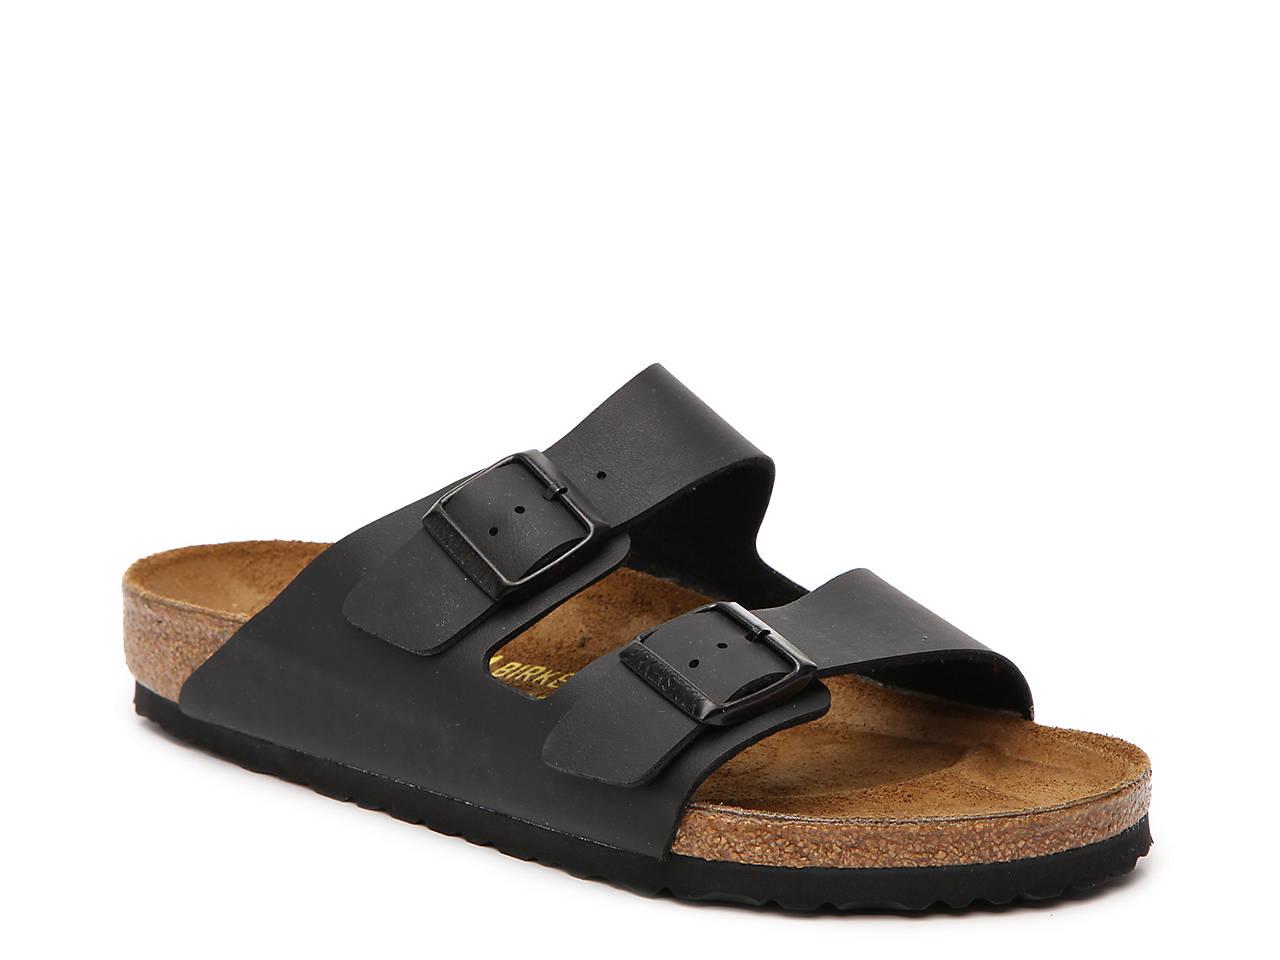 7837c3de87 Birkenstock Arizona Slide Sandal - Men s Men s Shoes